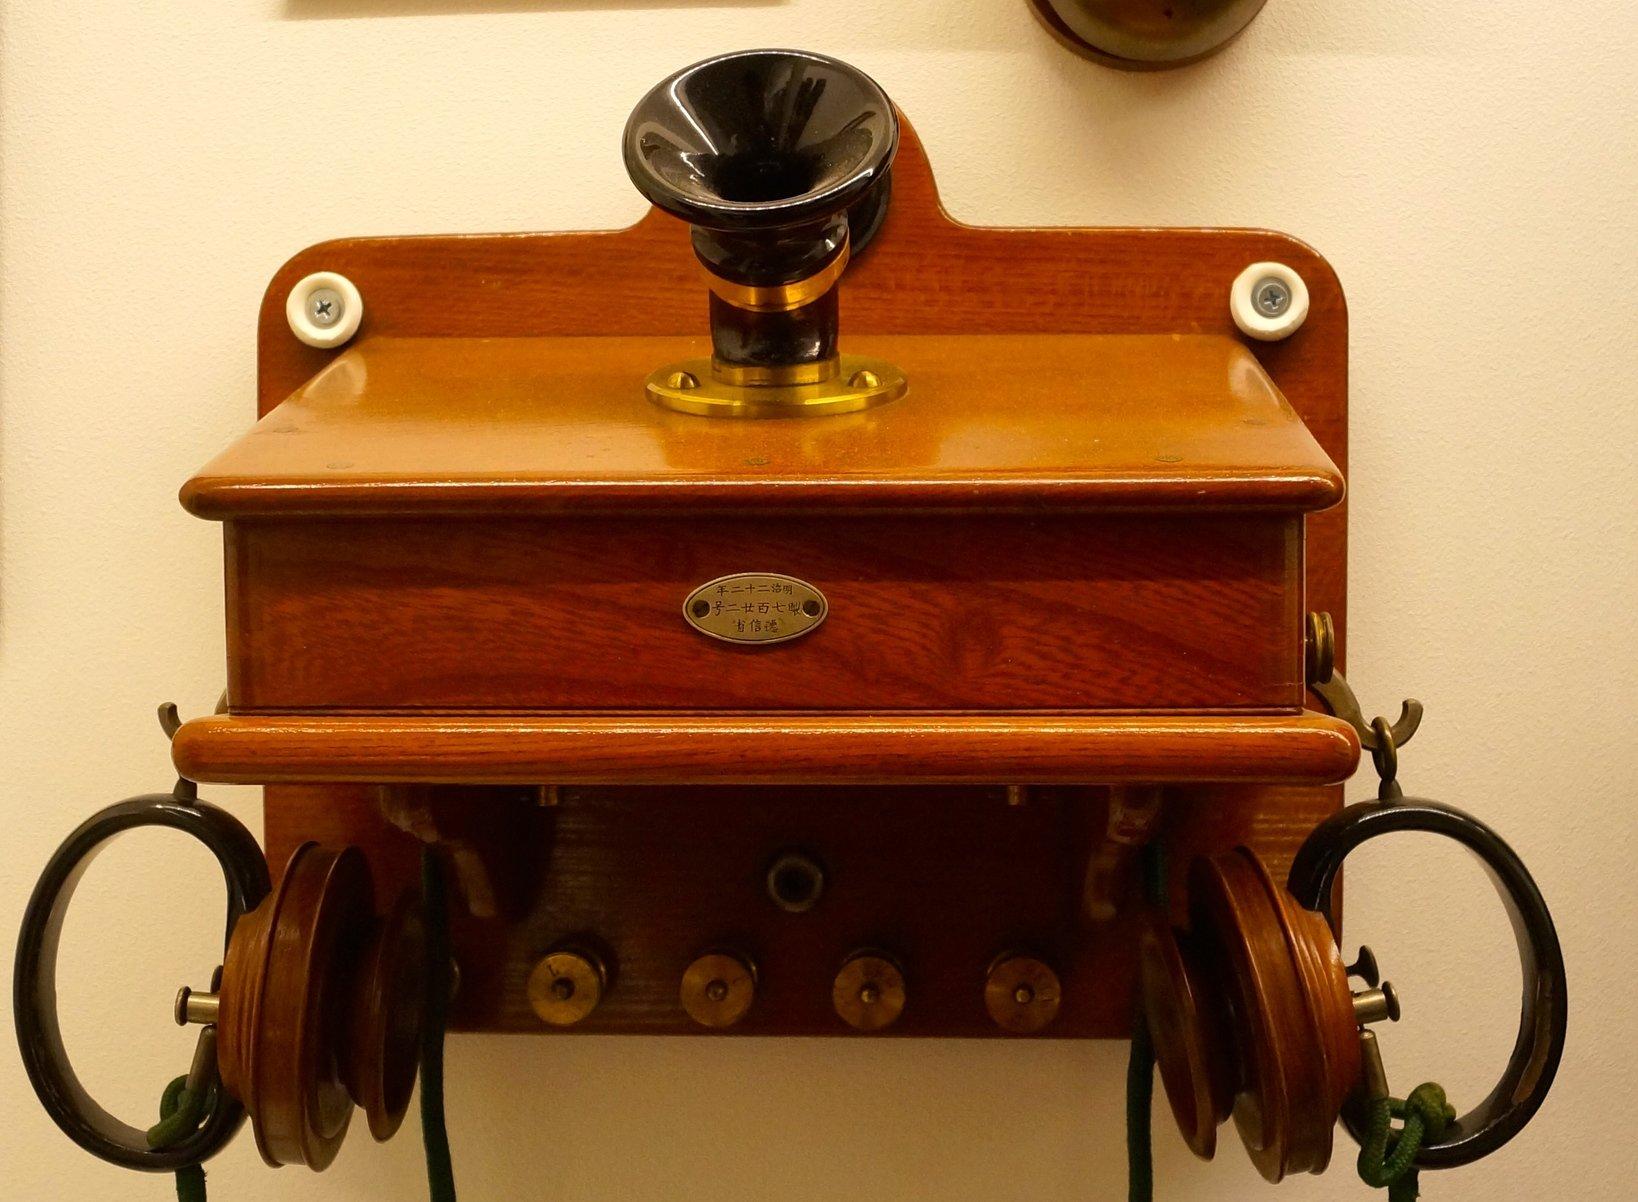 明治23年、東京-横浜にて日本最初の電話交換事業が開始した際に使用された「ガワーベル電話機」